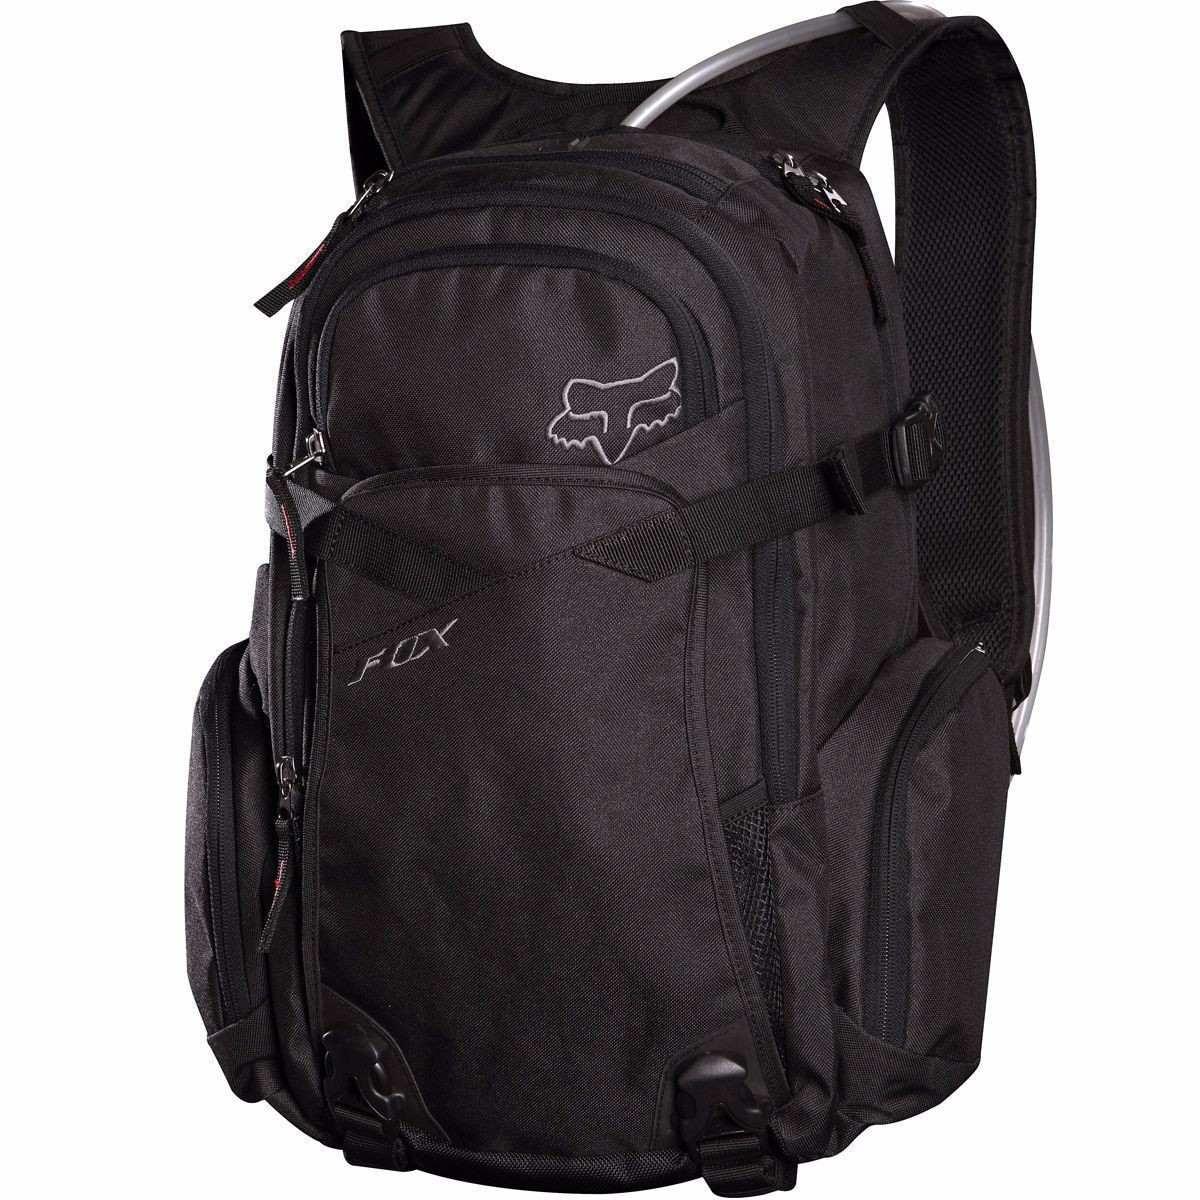 mochila fox portage hydro.ar (capacidad de 3 litros de agua)